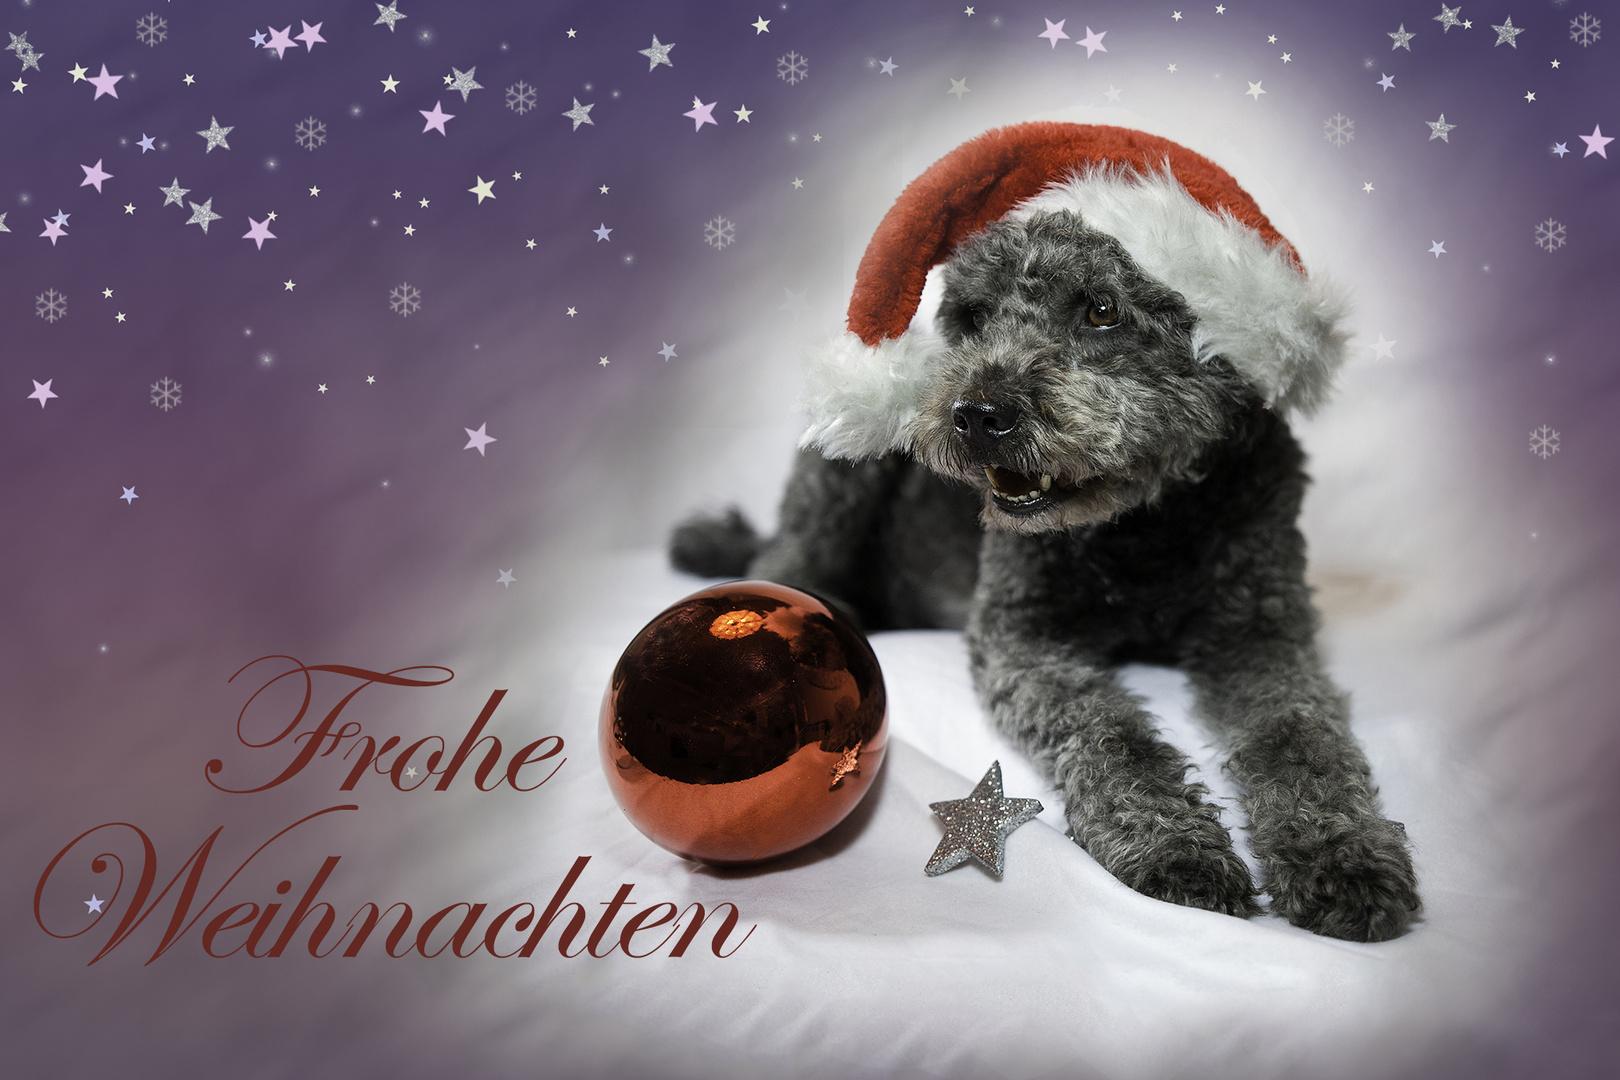 Bilder Weihnachten Tiere.Frohe Weihnachten Foto Bild Tiere Haustiere Hunde Bilder Auf